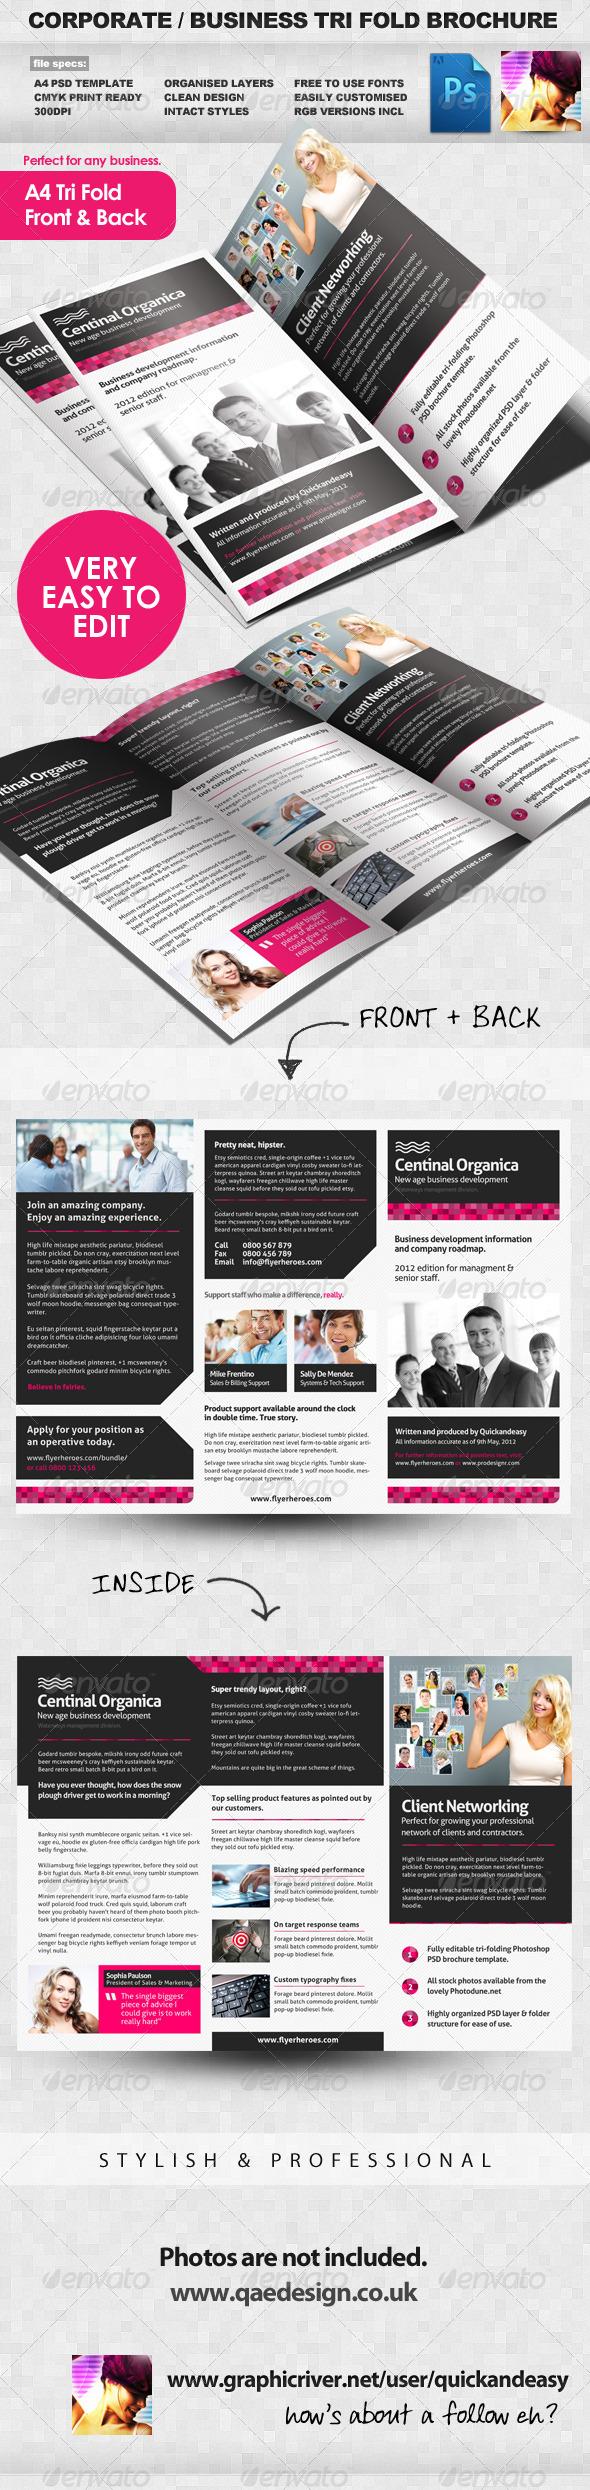 GraphicRiver Corporate Business Tri Fold Brochure 2278426